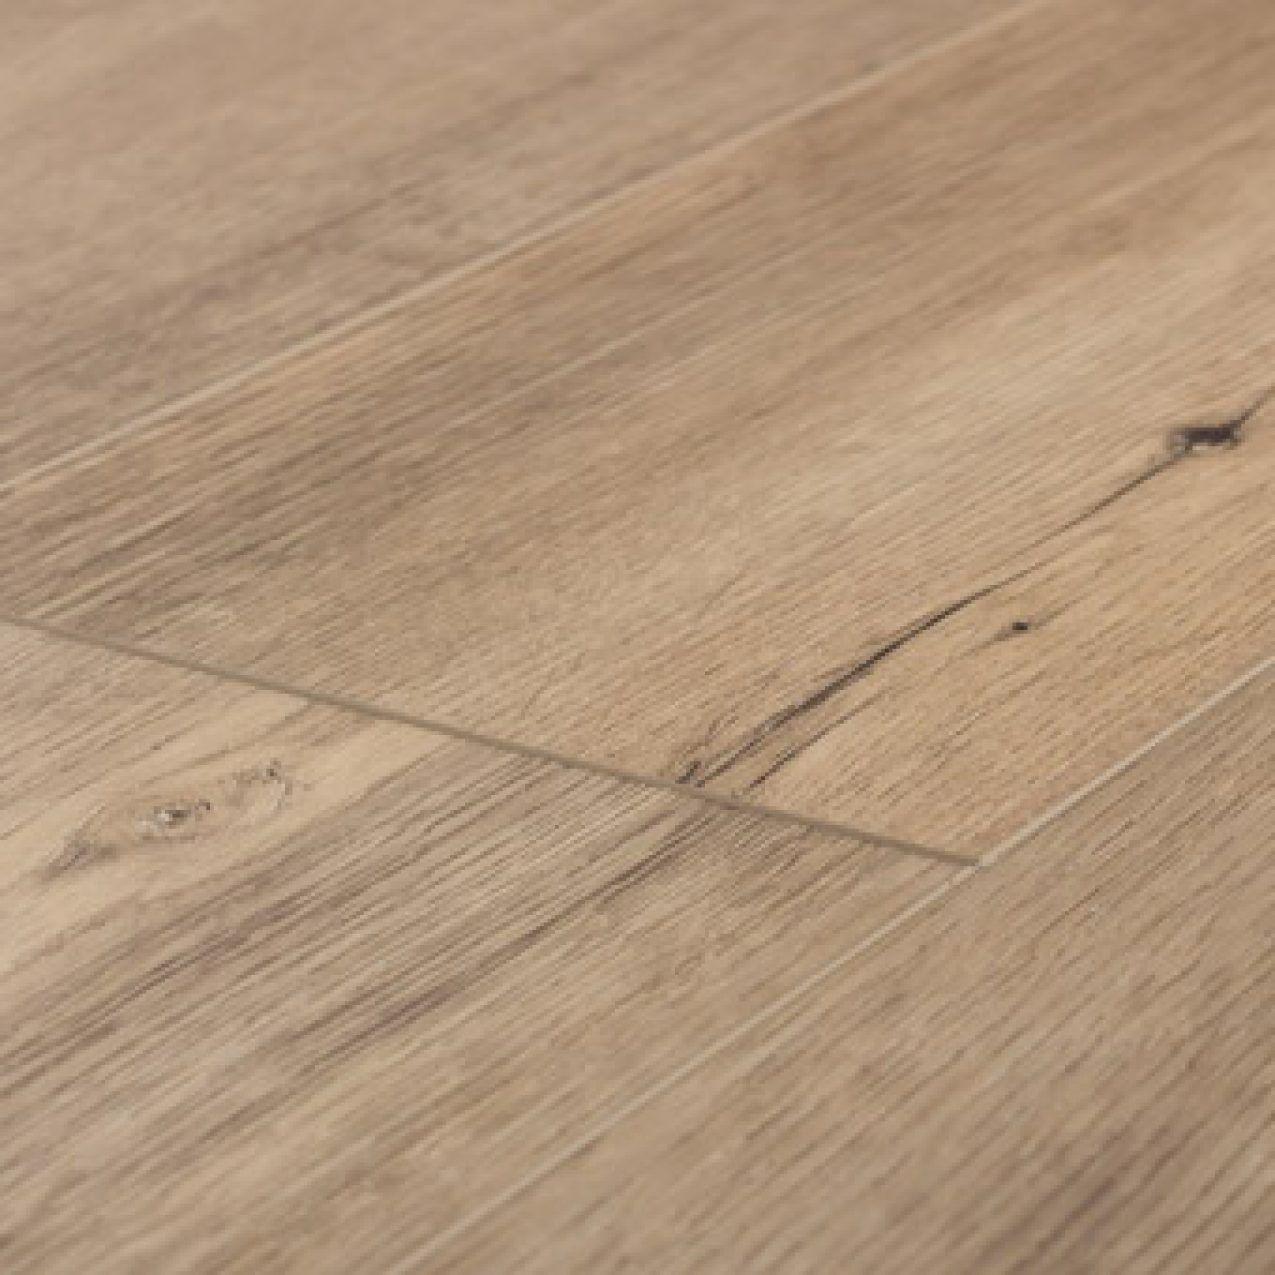 Evoke Vcc Finn Evoke Flooring Vinyl Plank Flooring Vinyl Flooring